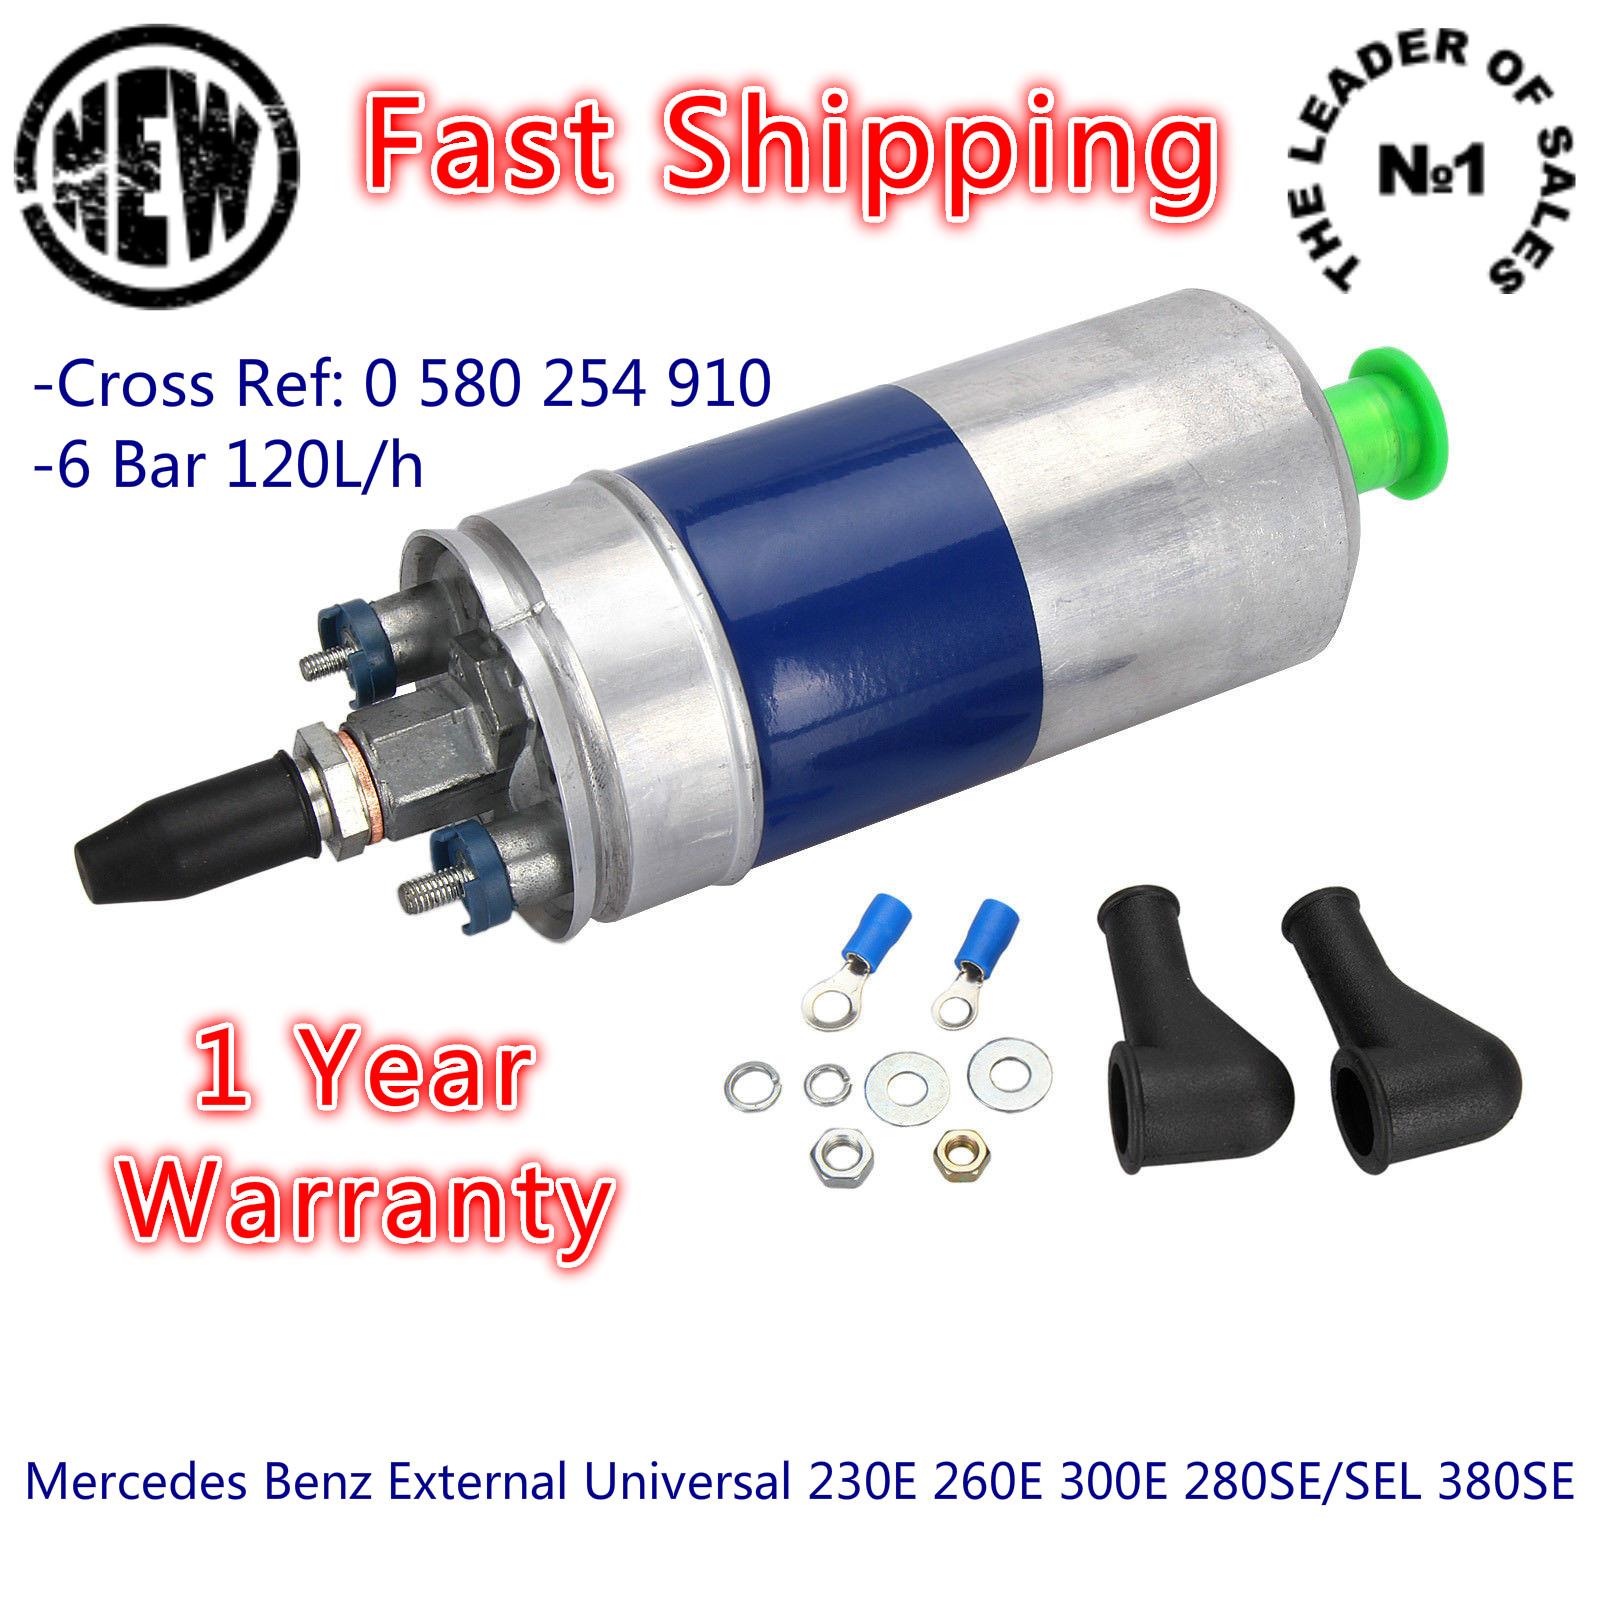 Inline Fuel Pump Mercedes Benz External Universal 230E